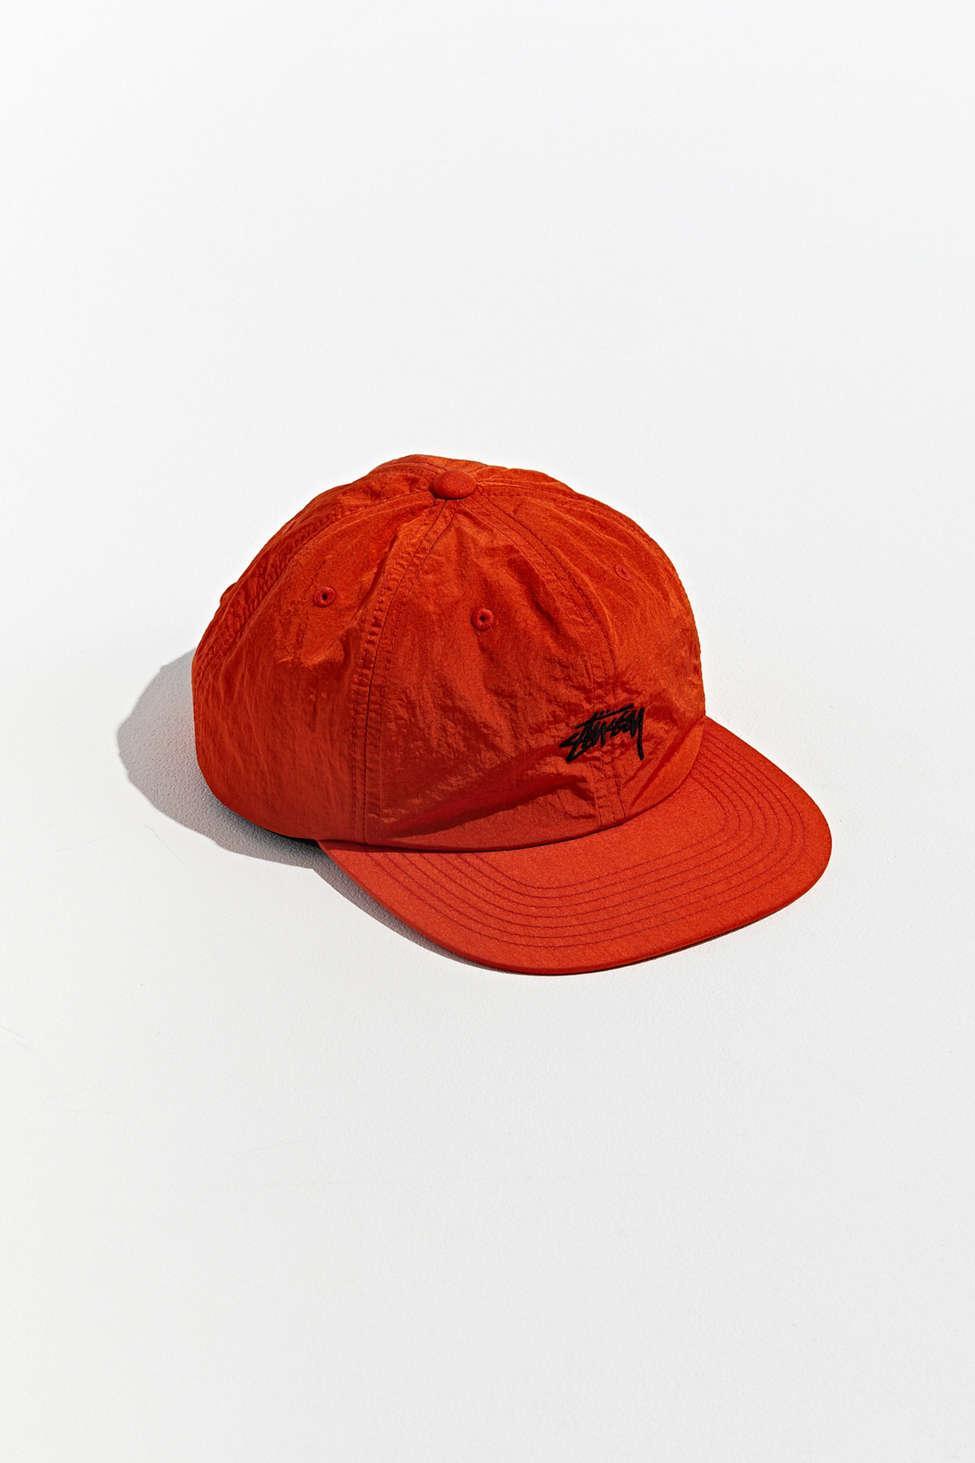 411d97c9ec1 Lyst - Stussy Stock Nylon Strapback Hat in Orange for Men